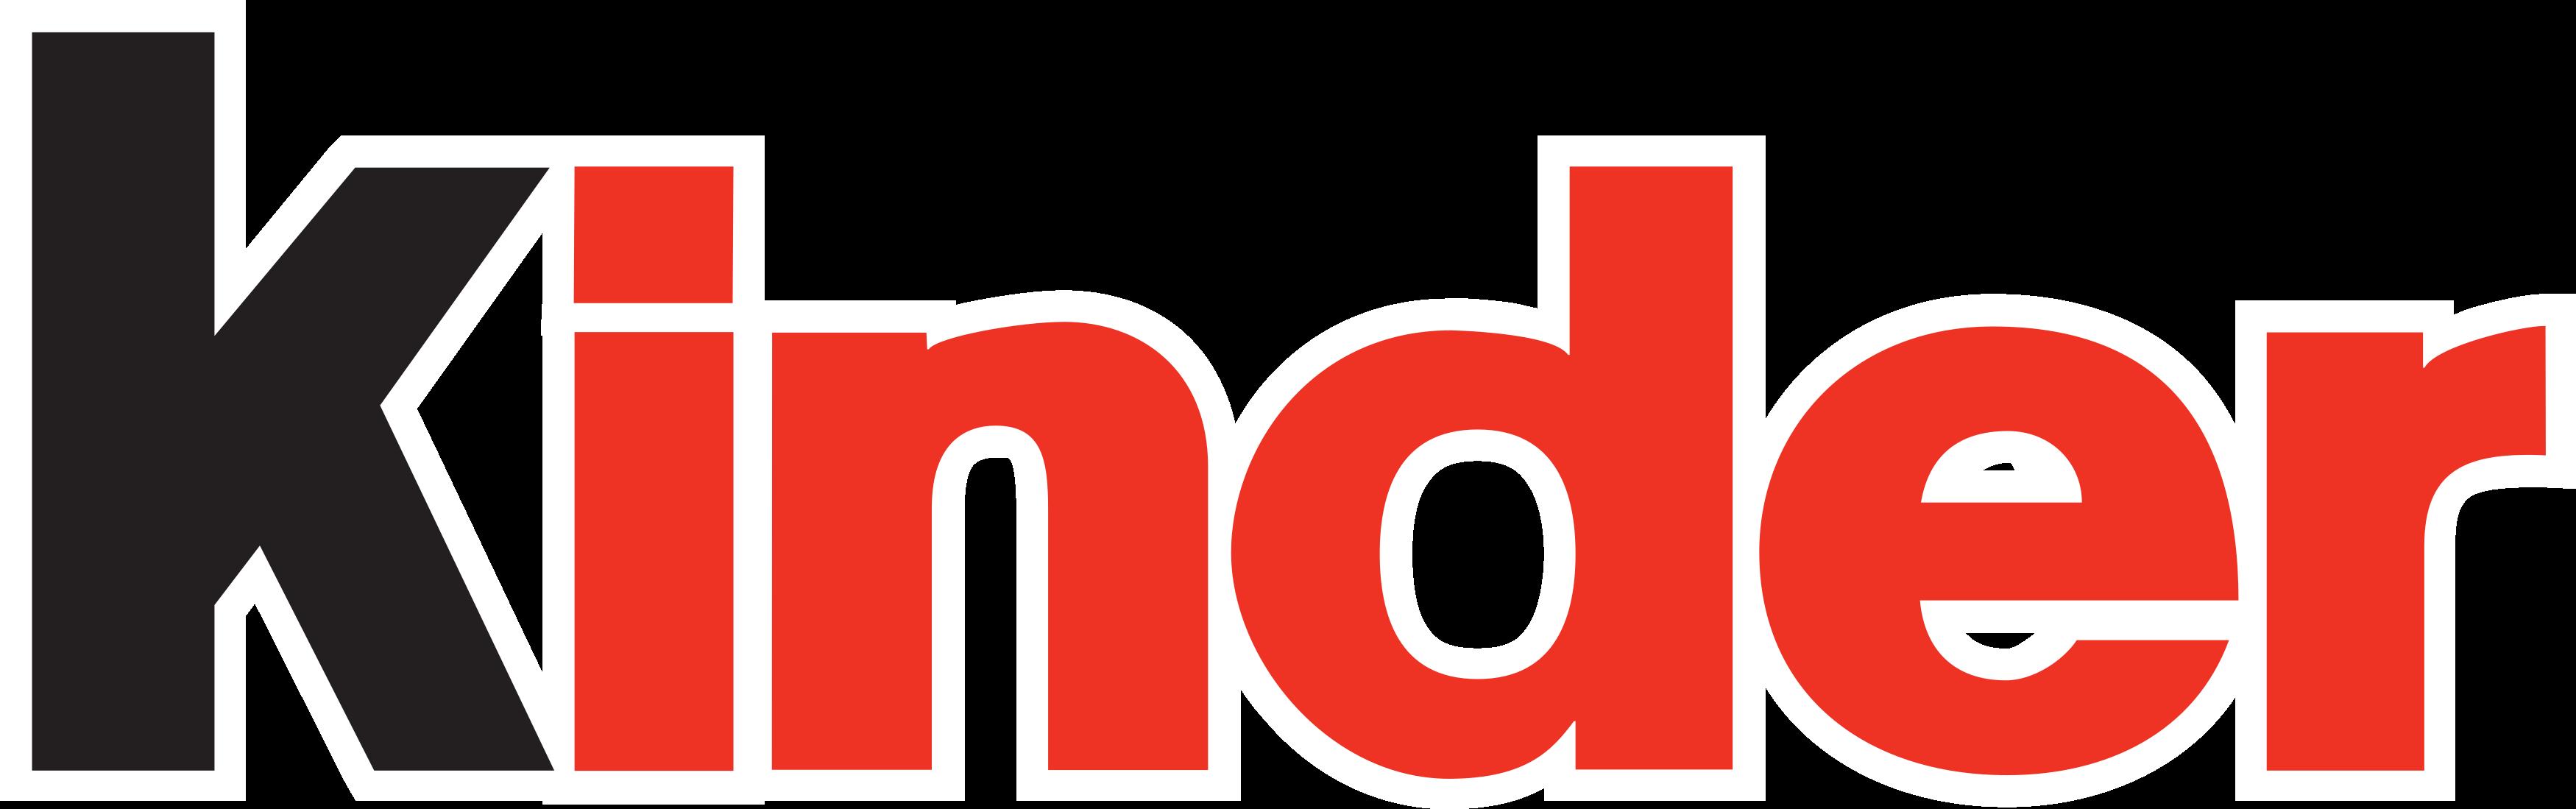 Kinder Logo.